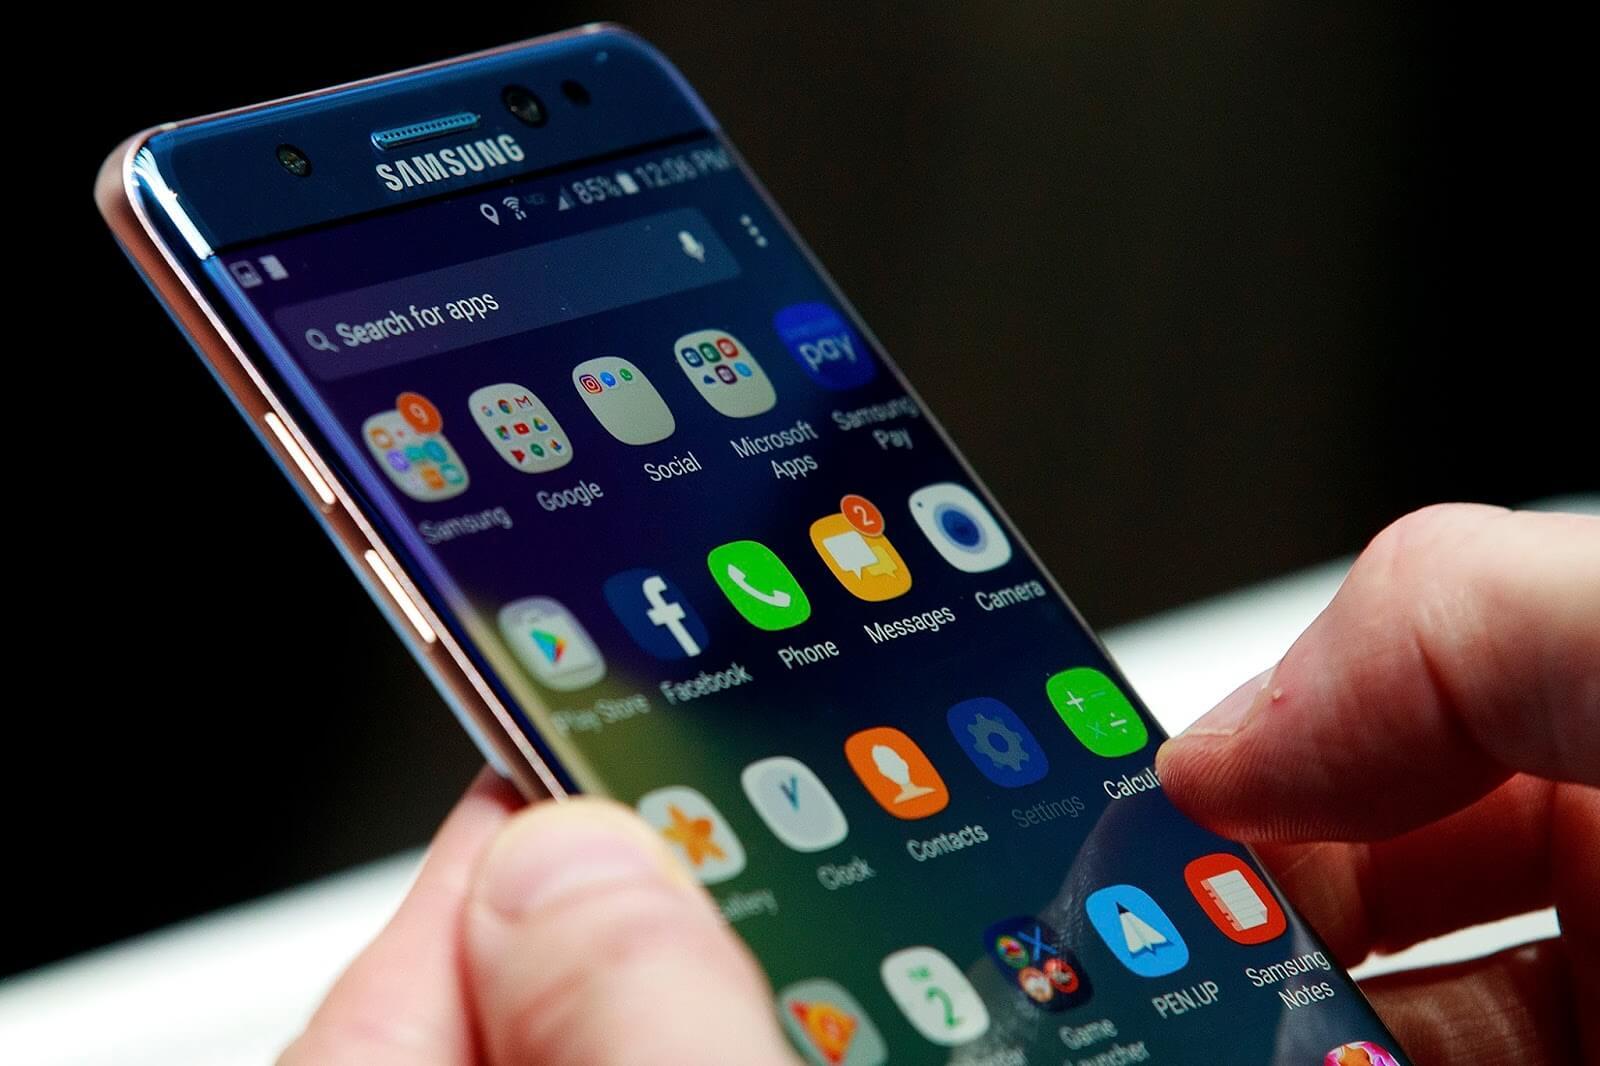 «سامسونج» ترفع حصتها السوقية من مبيعات الهواتف الذكية إلى 26% خلال 2019 - جريدة المال